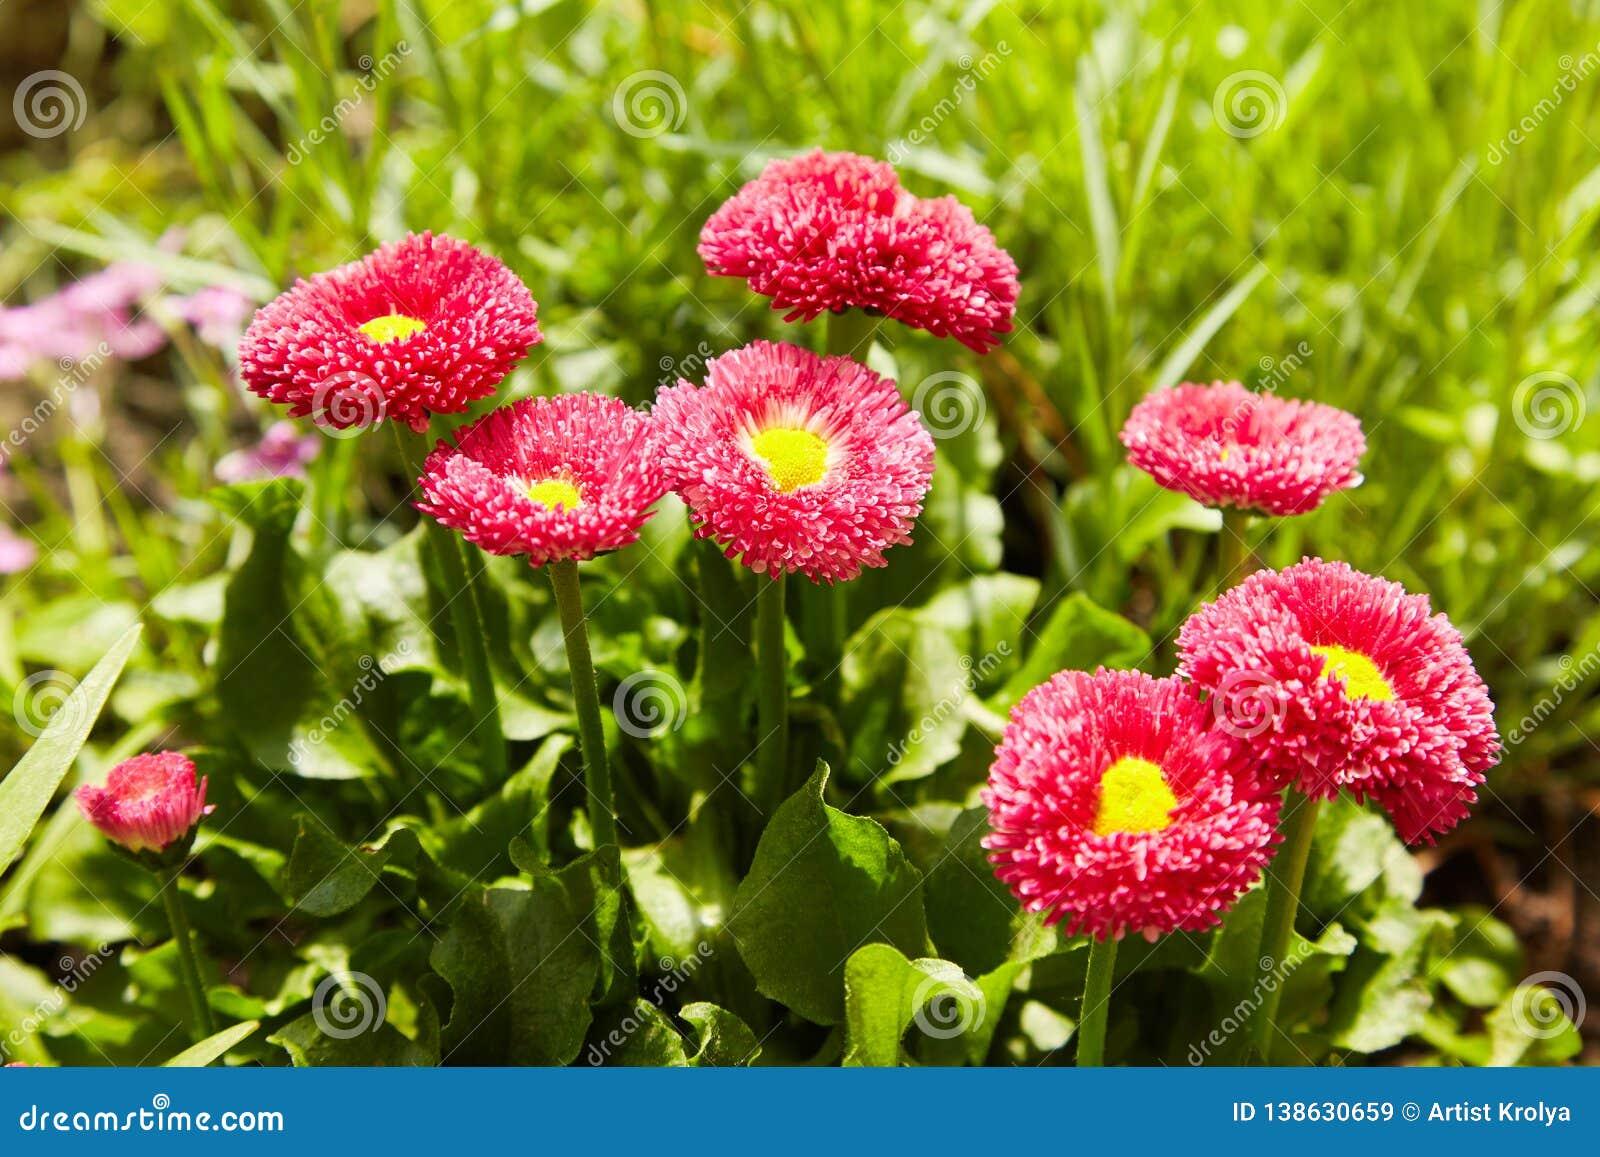 Pink English daisies - Bellis perennis - in spring garden. Bellasima rose.